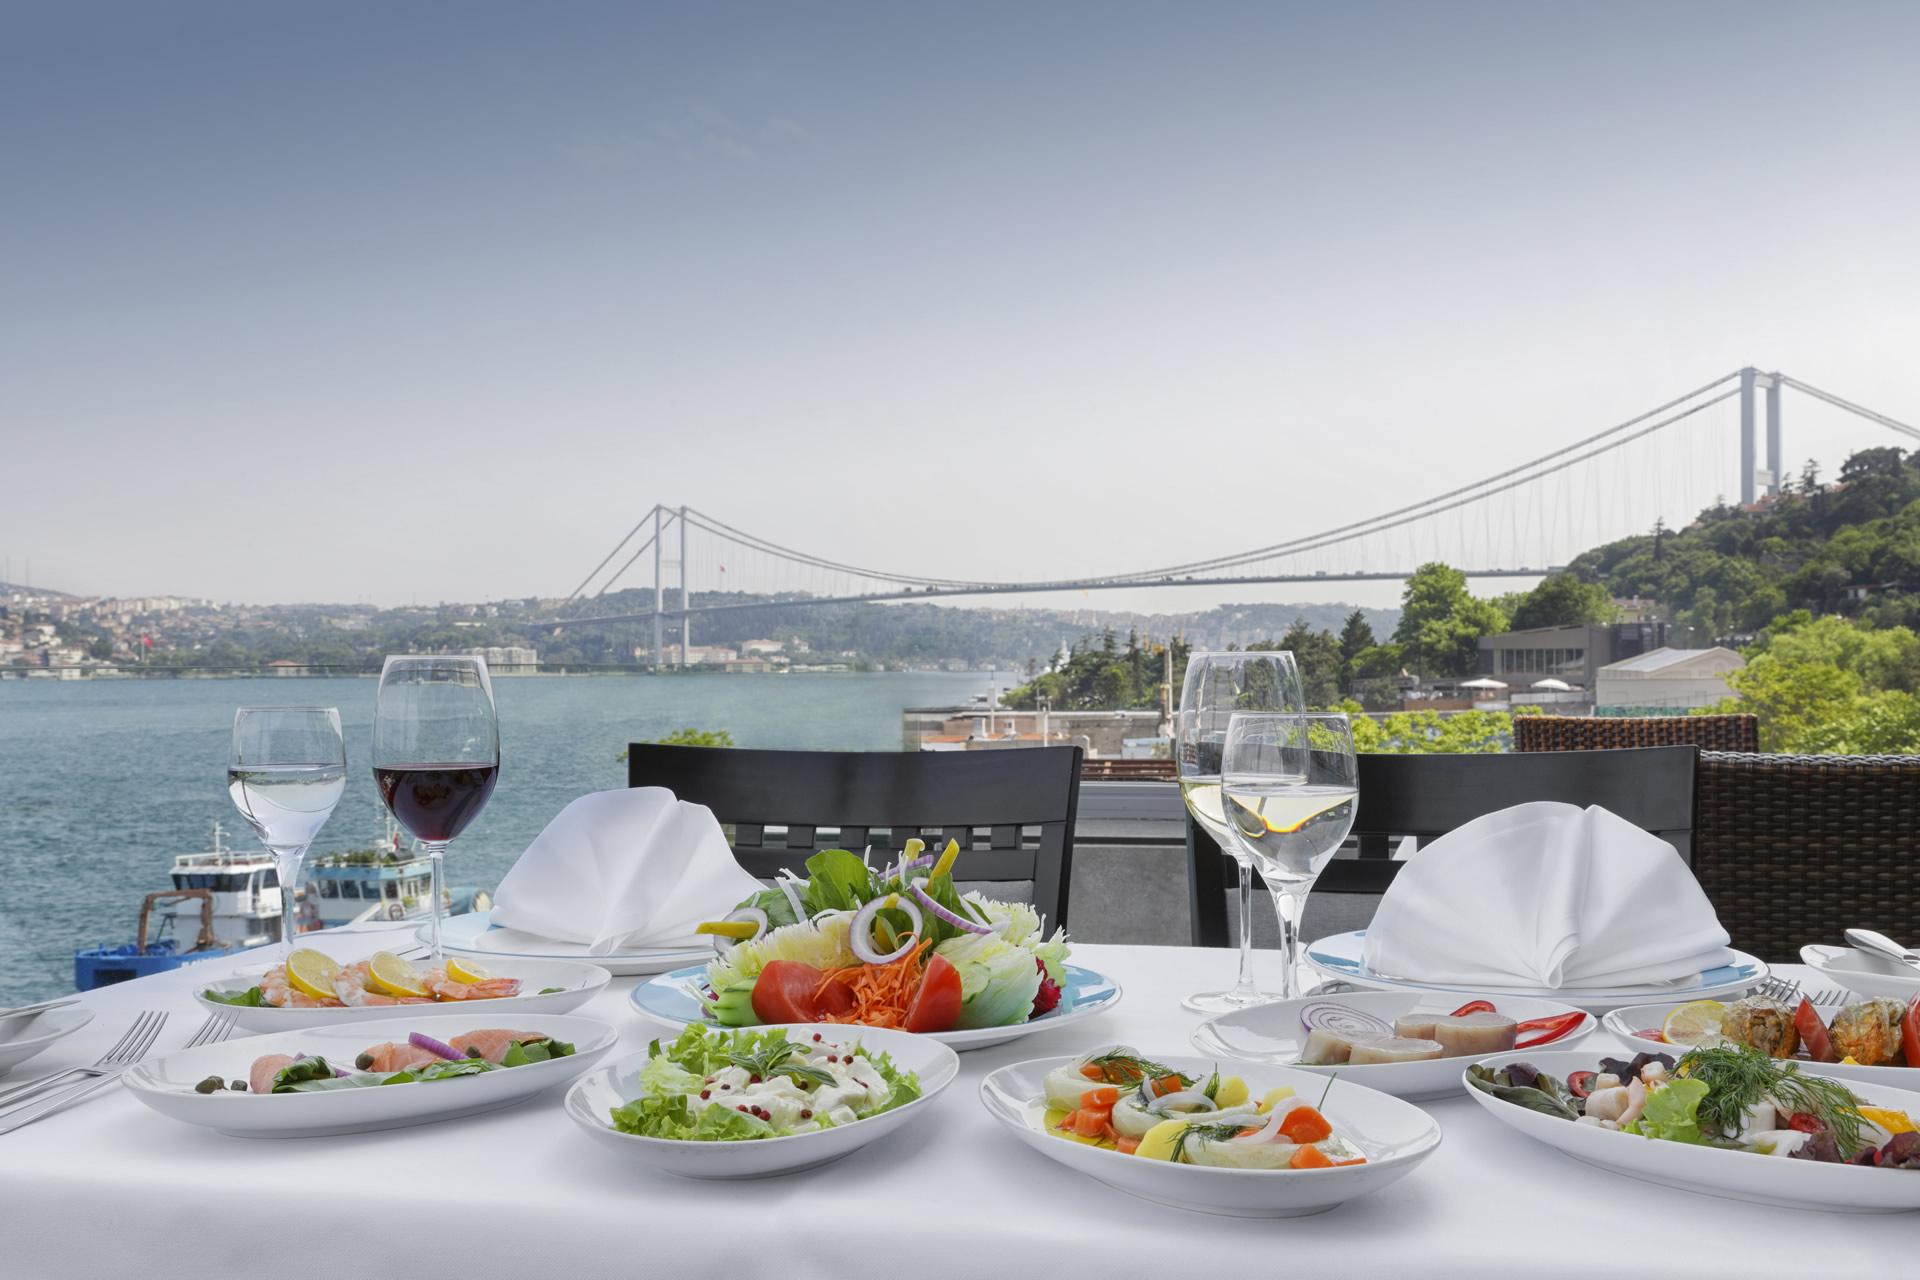 Ресторан с видом на Босфор